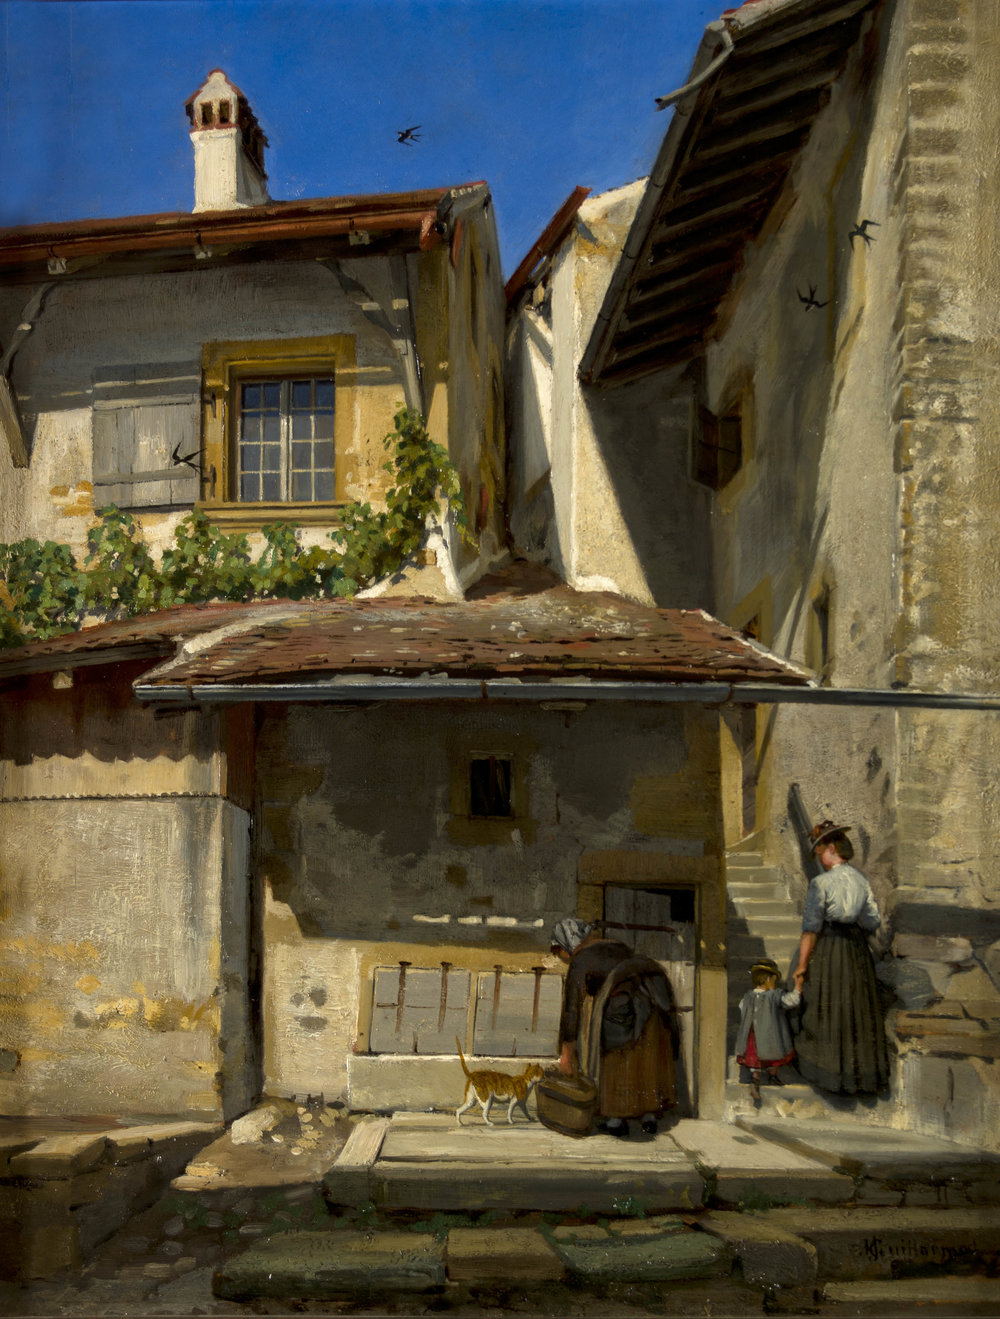 Haut du village de Saint-Blaise  de Jules Jacot Guillarmod, sans date, huile sur bois, 54,5 x 42 cm